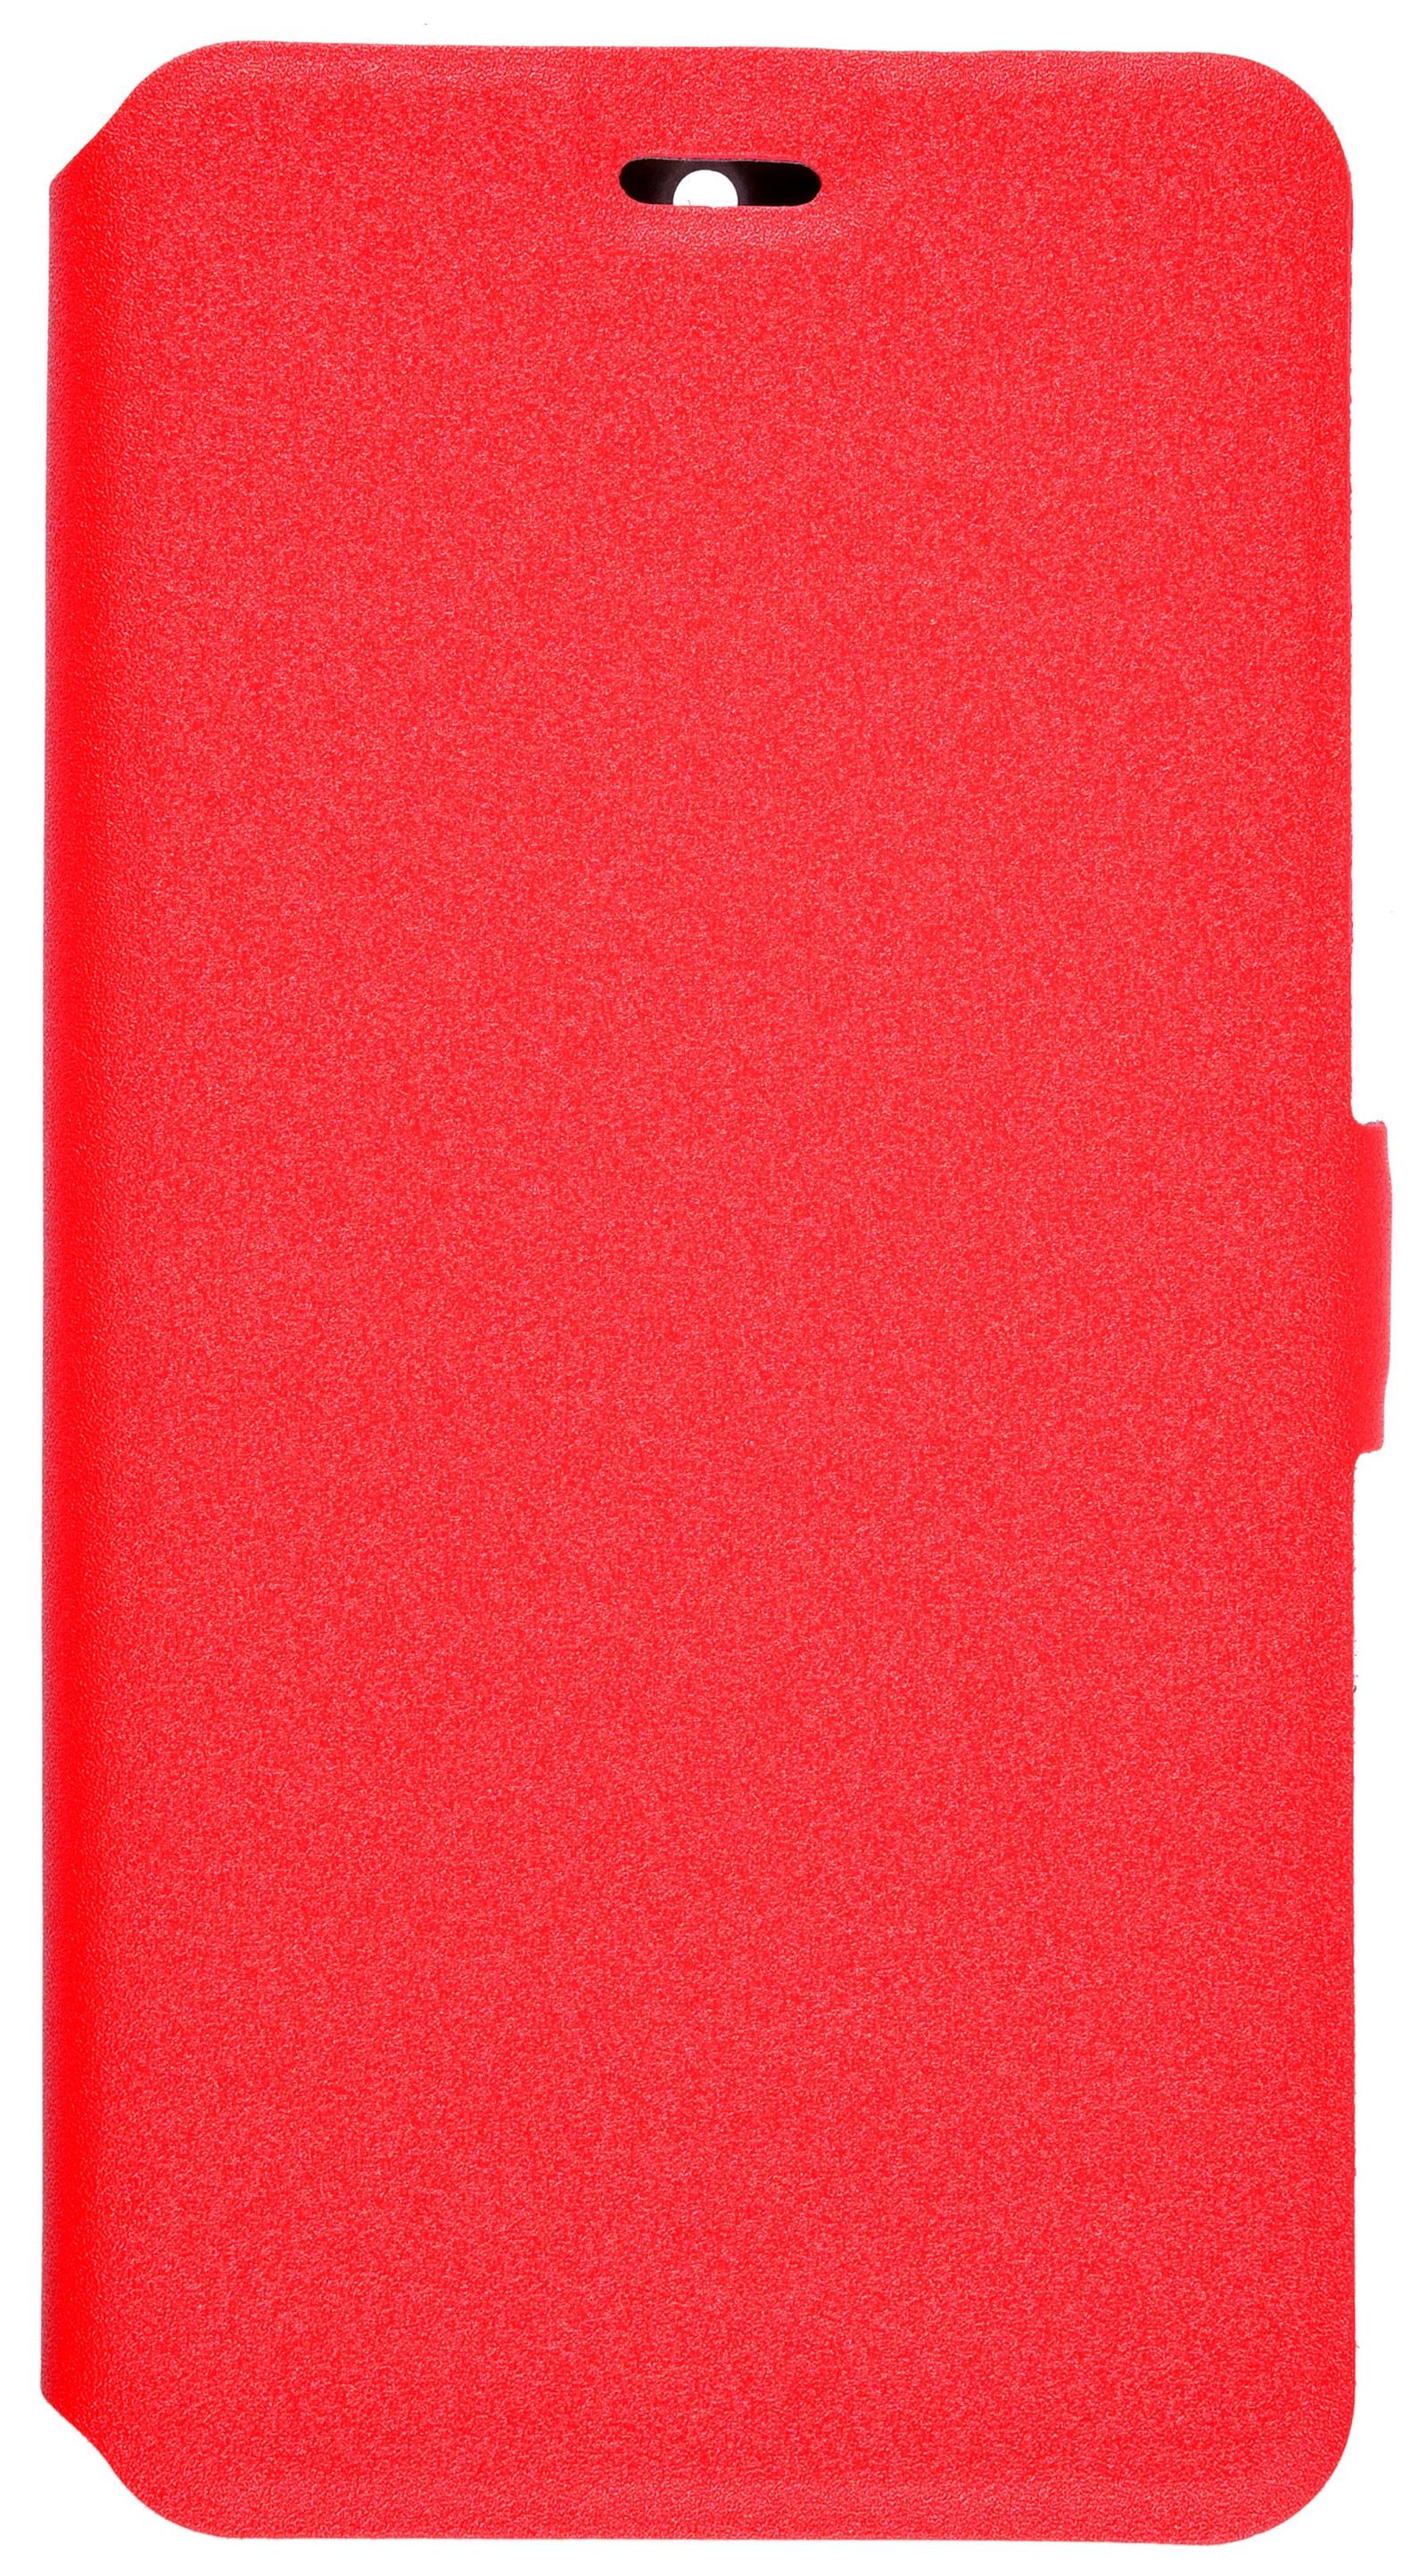 Чехол для сотового телефона PRIME Book, 4660041407815, красный prime book чехол книжка для meizu m5c red